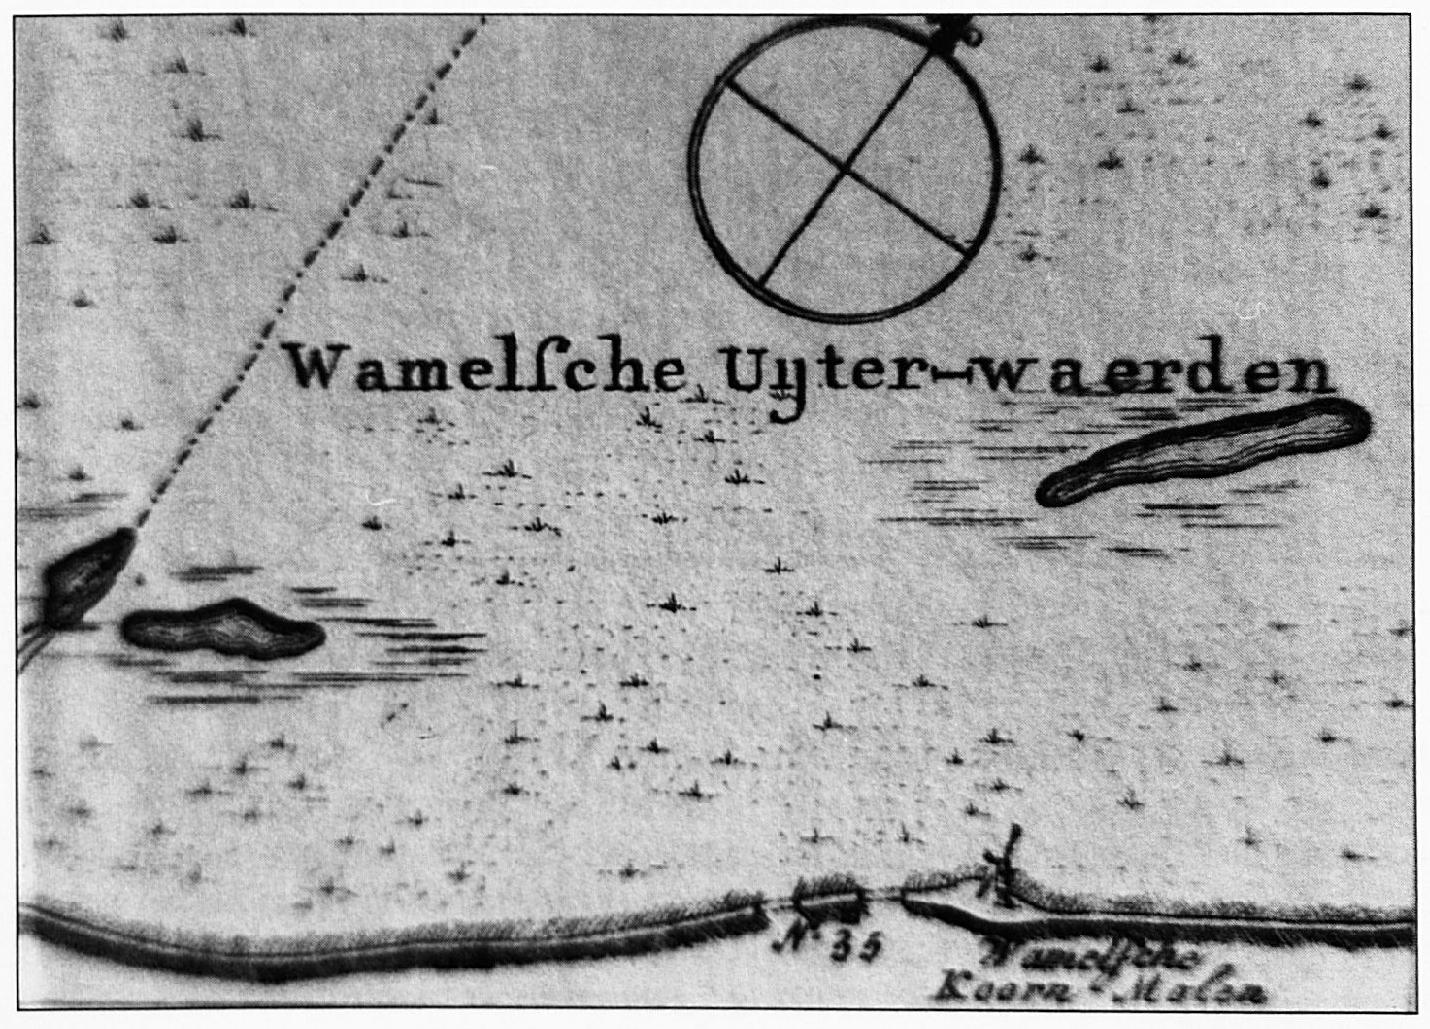 Op deze pentekening zijn de dijkdoorbraken van 1784 schitterend ingetekend. Bij deze doorbraken, o.a. vlak bij de Wamelse korenmolen, ontstonden geen Wielen.